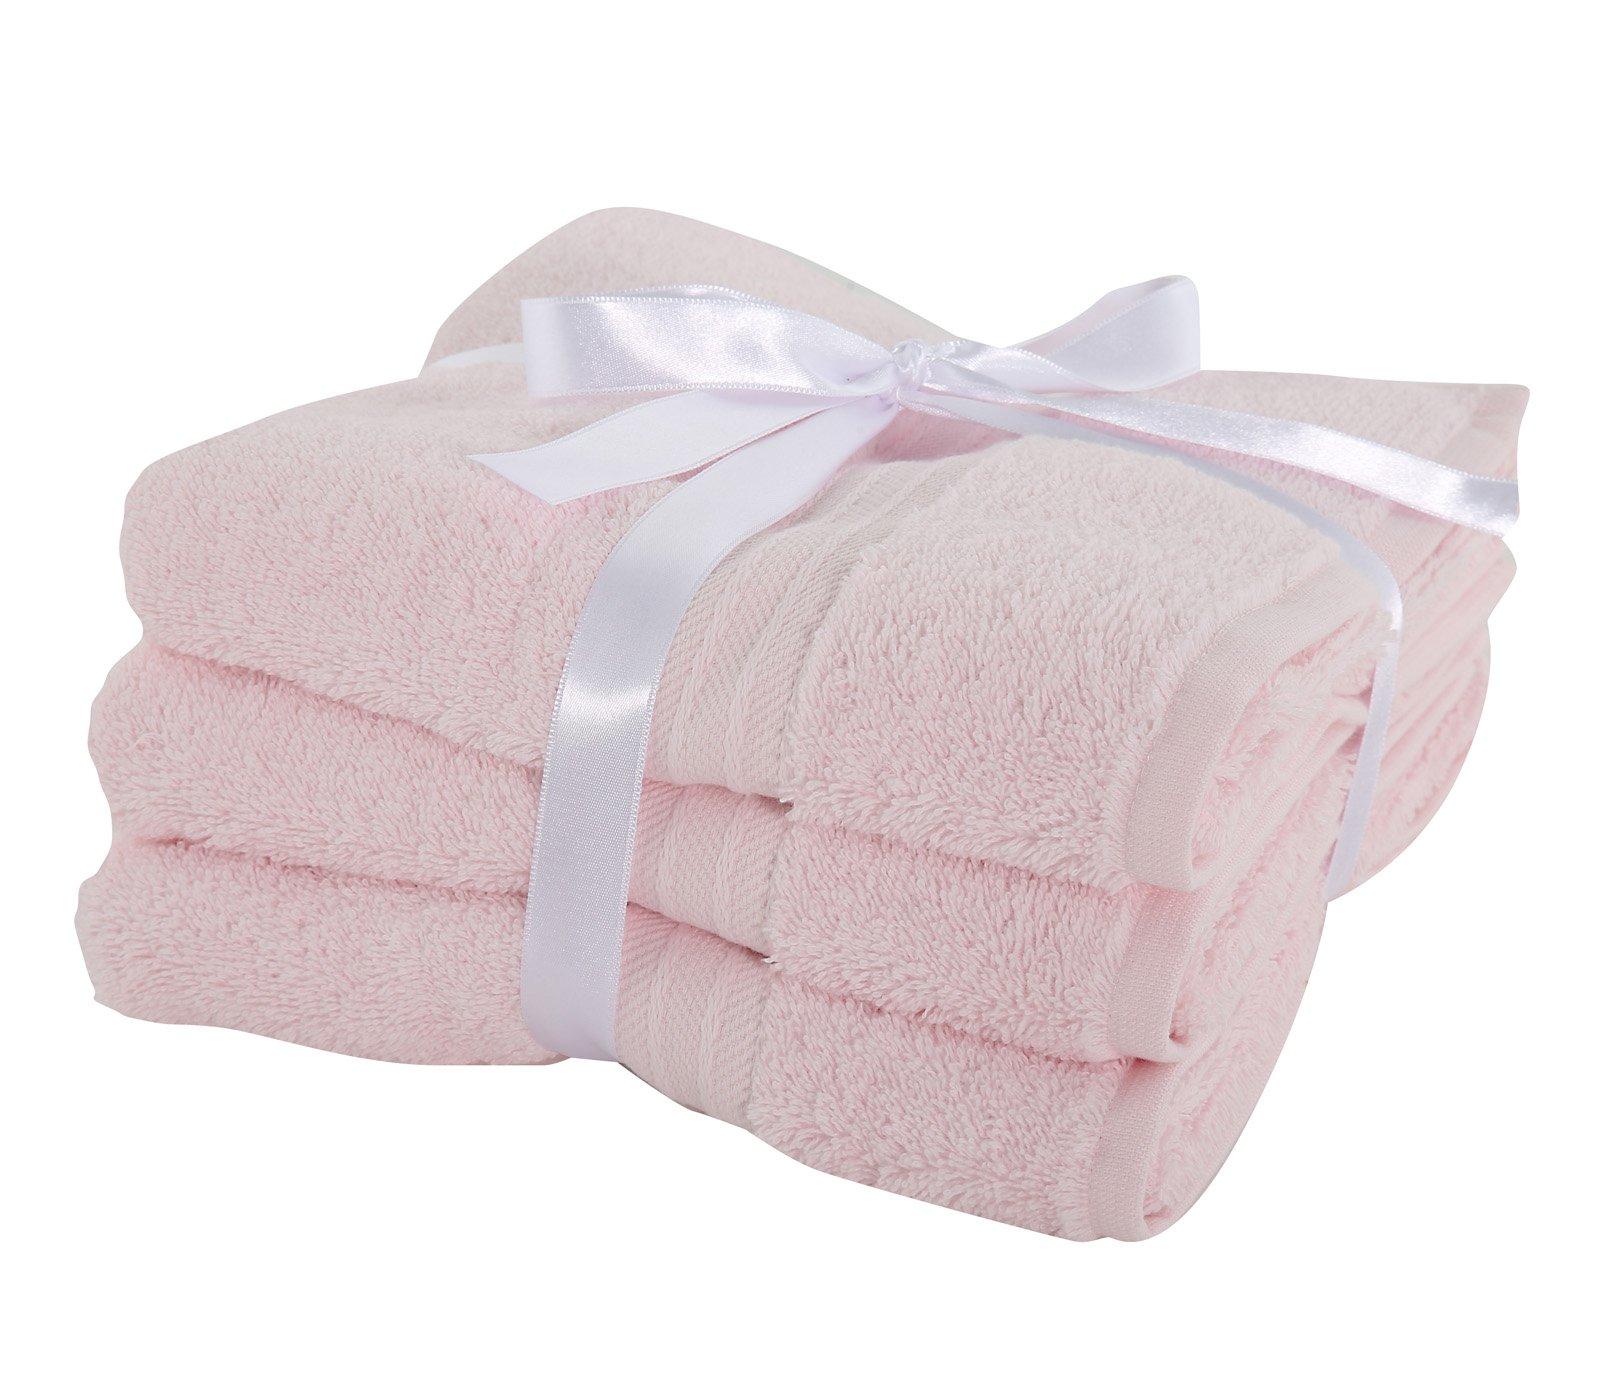 Πετσέτες Προσώπου (Σετ 3 Τμχ) Nef Nef Cosy Pink